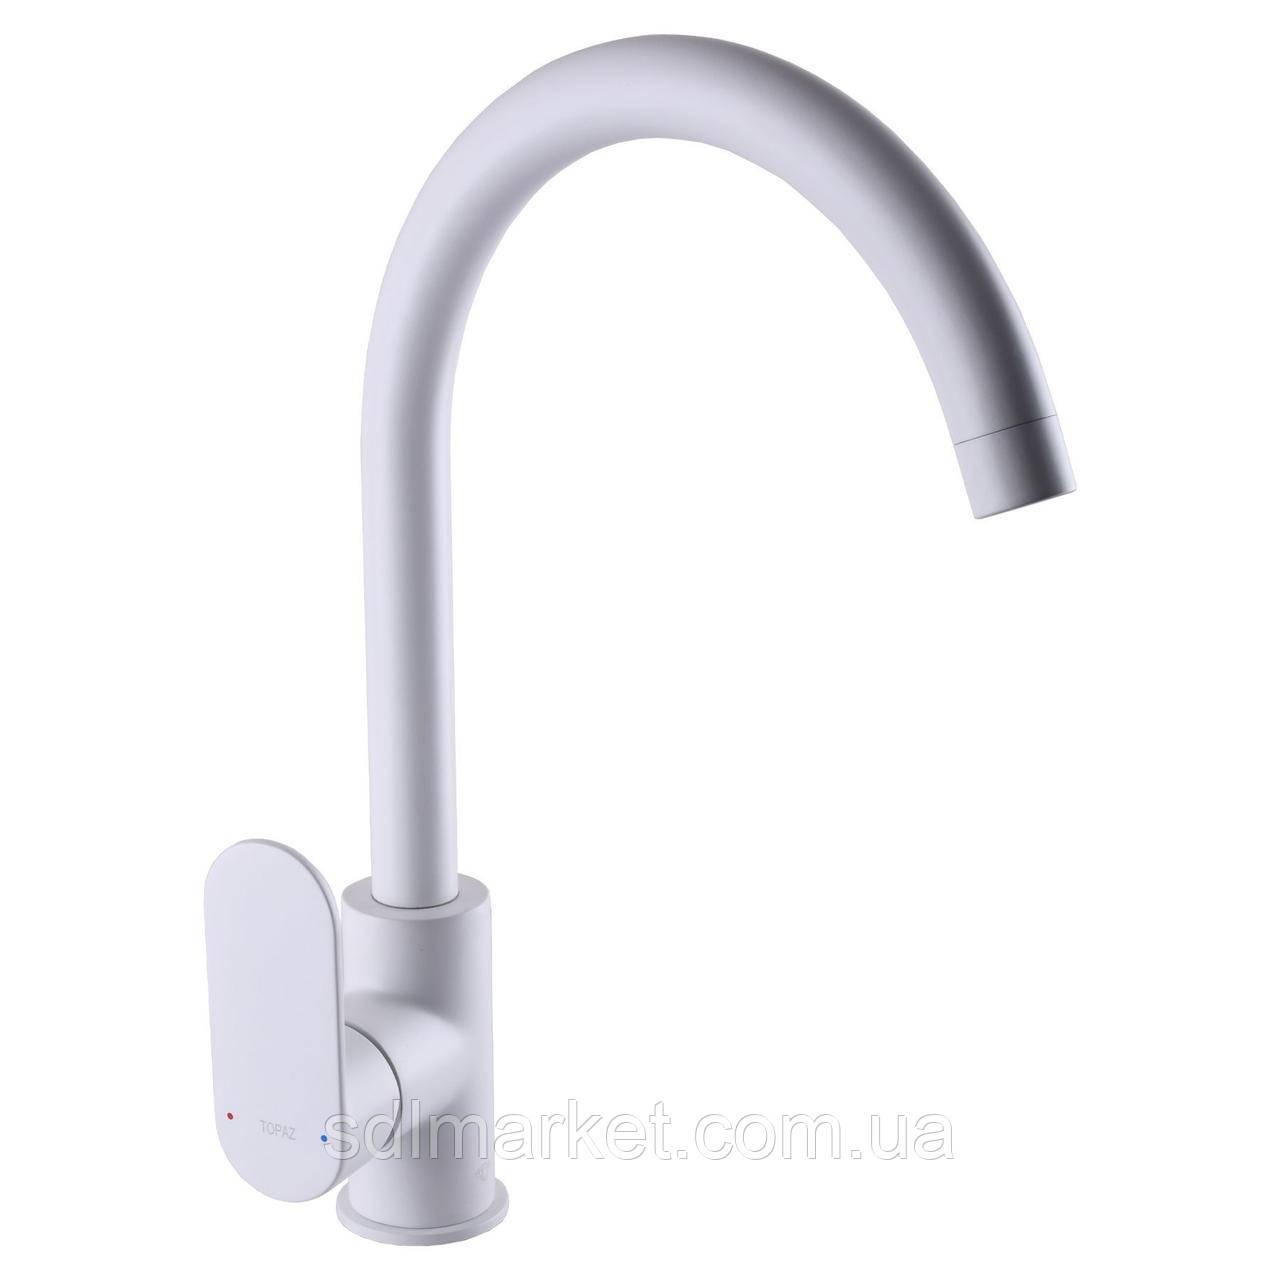 Смеситель для кухни TOPAZ BARTS TB 07403-H36-W